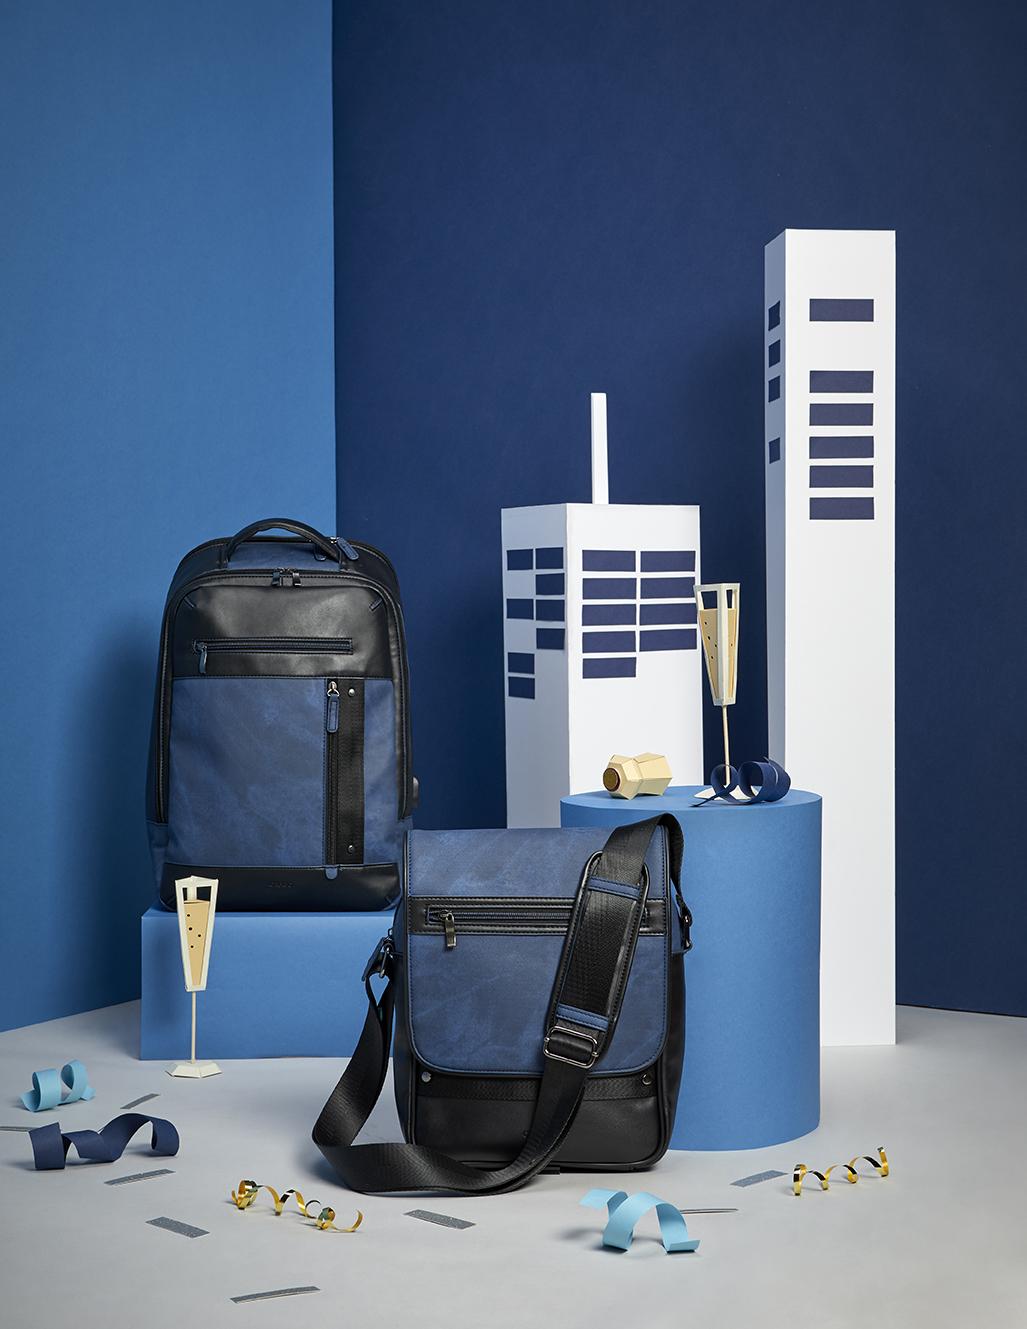 miss-cloudy-pauline-loctin-bentley-paper-art-props-set-up-design-campaign-bentley-6.jpg